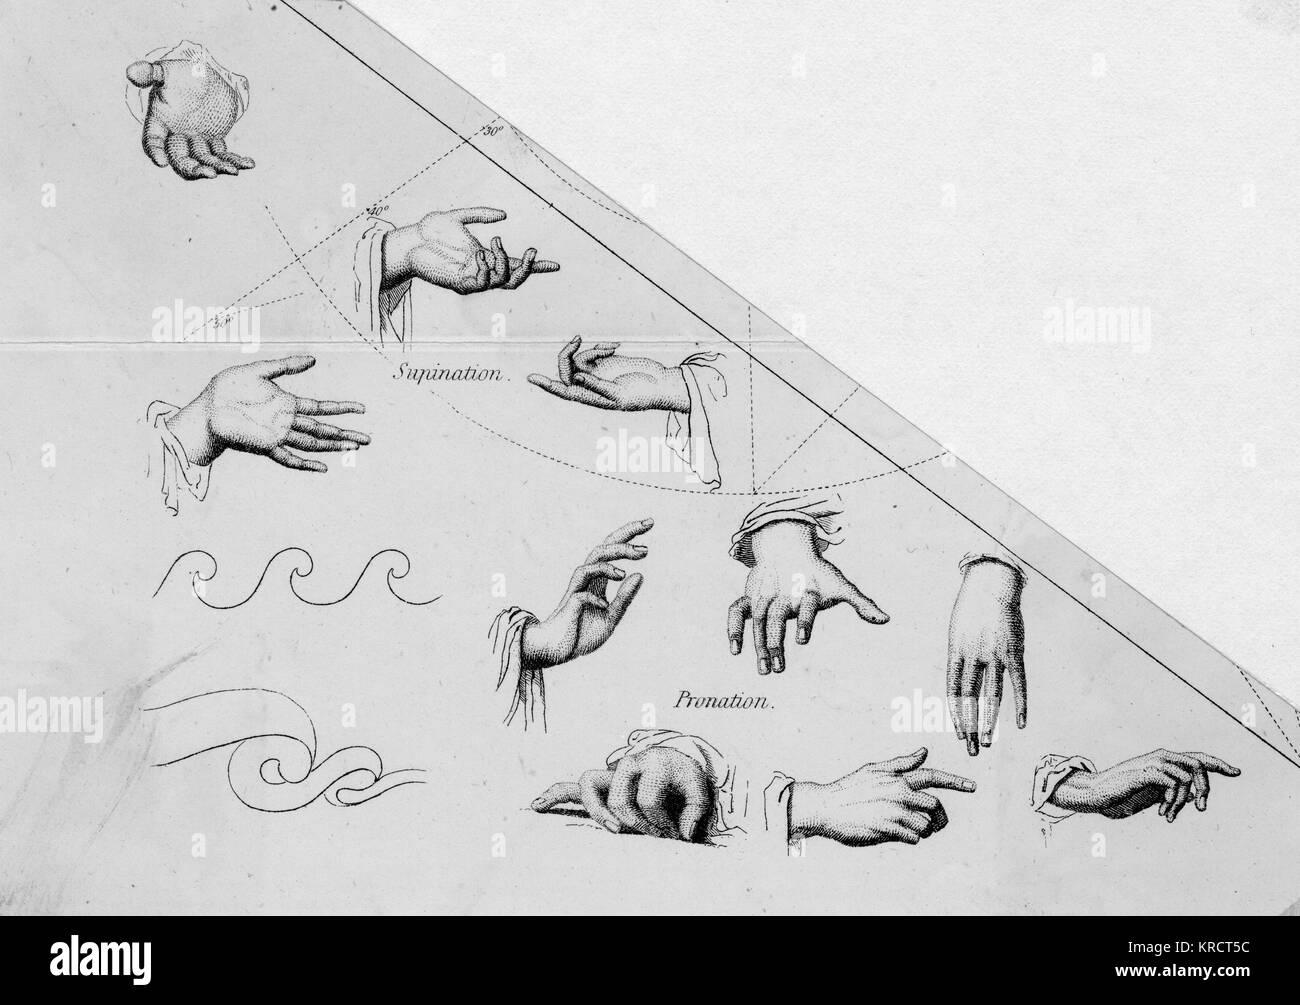 Un assortiment de mains dans différentes positions et gestes. Date: 19e siècle Banque D'Images